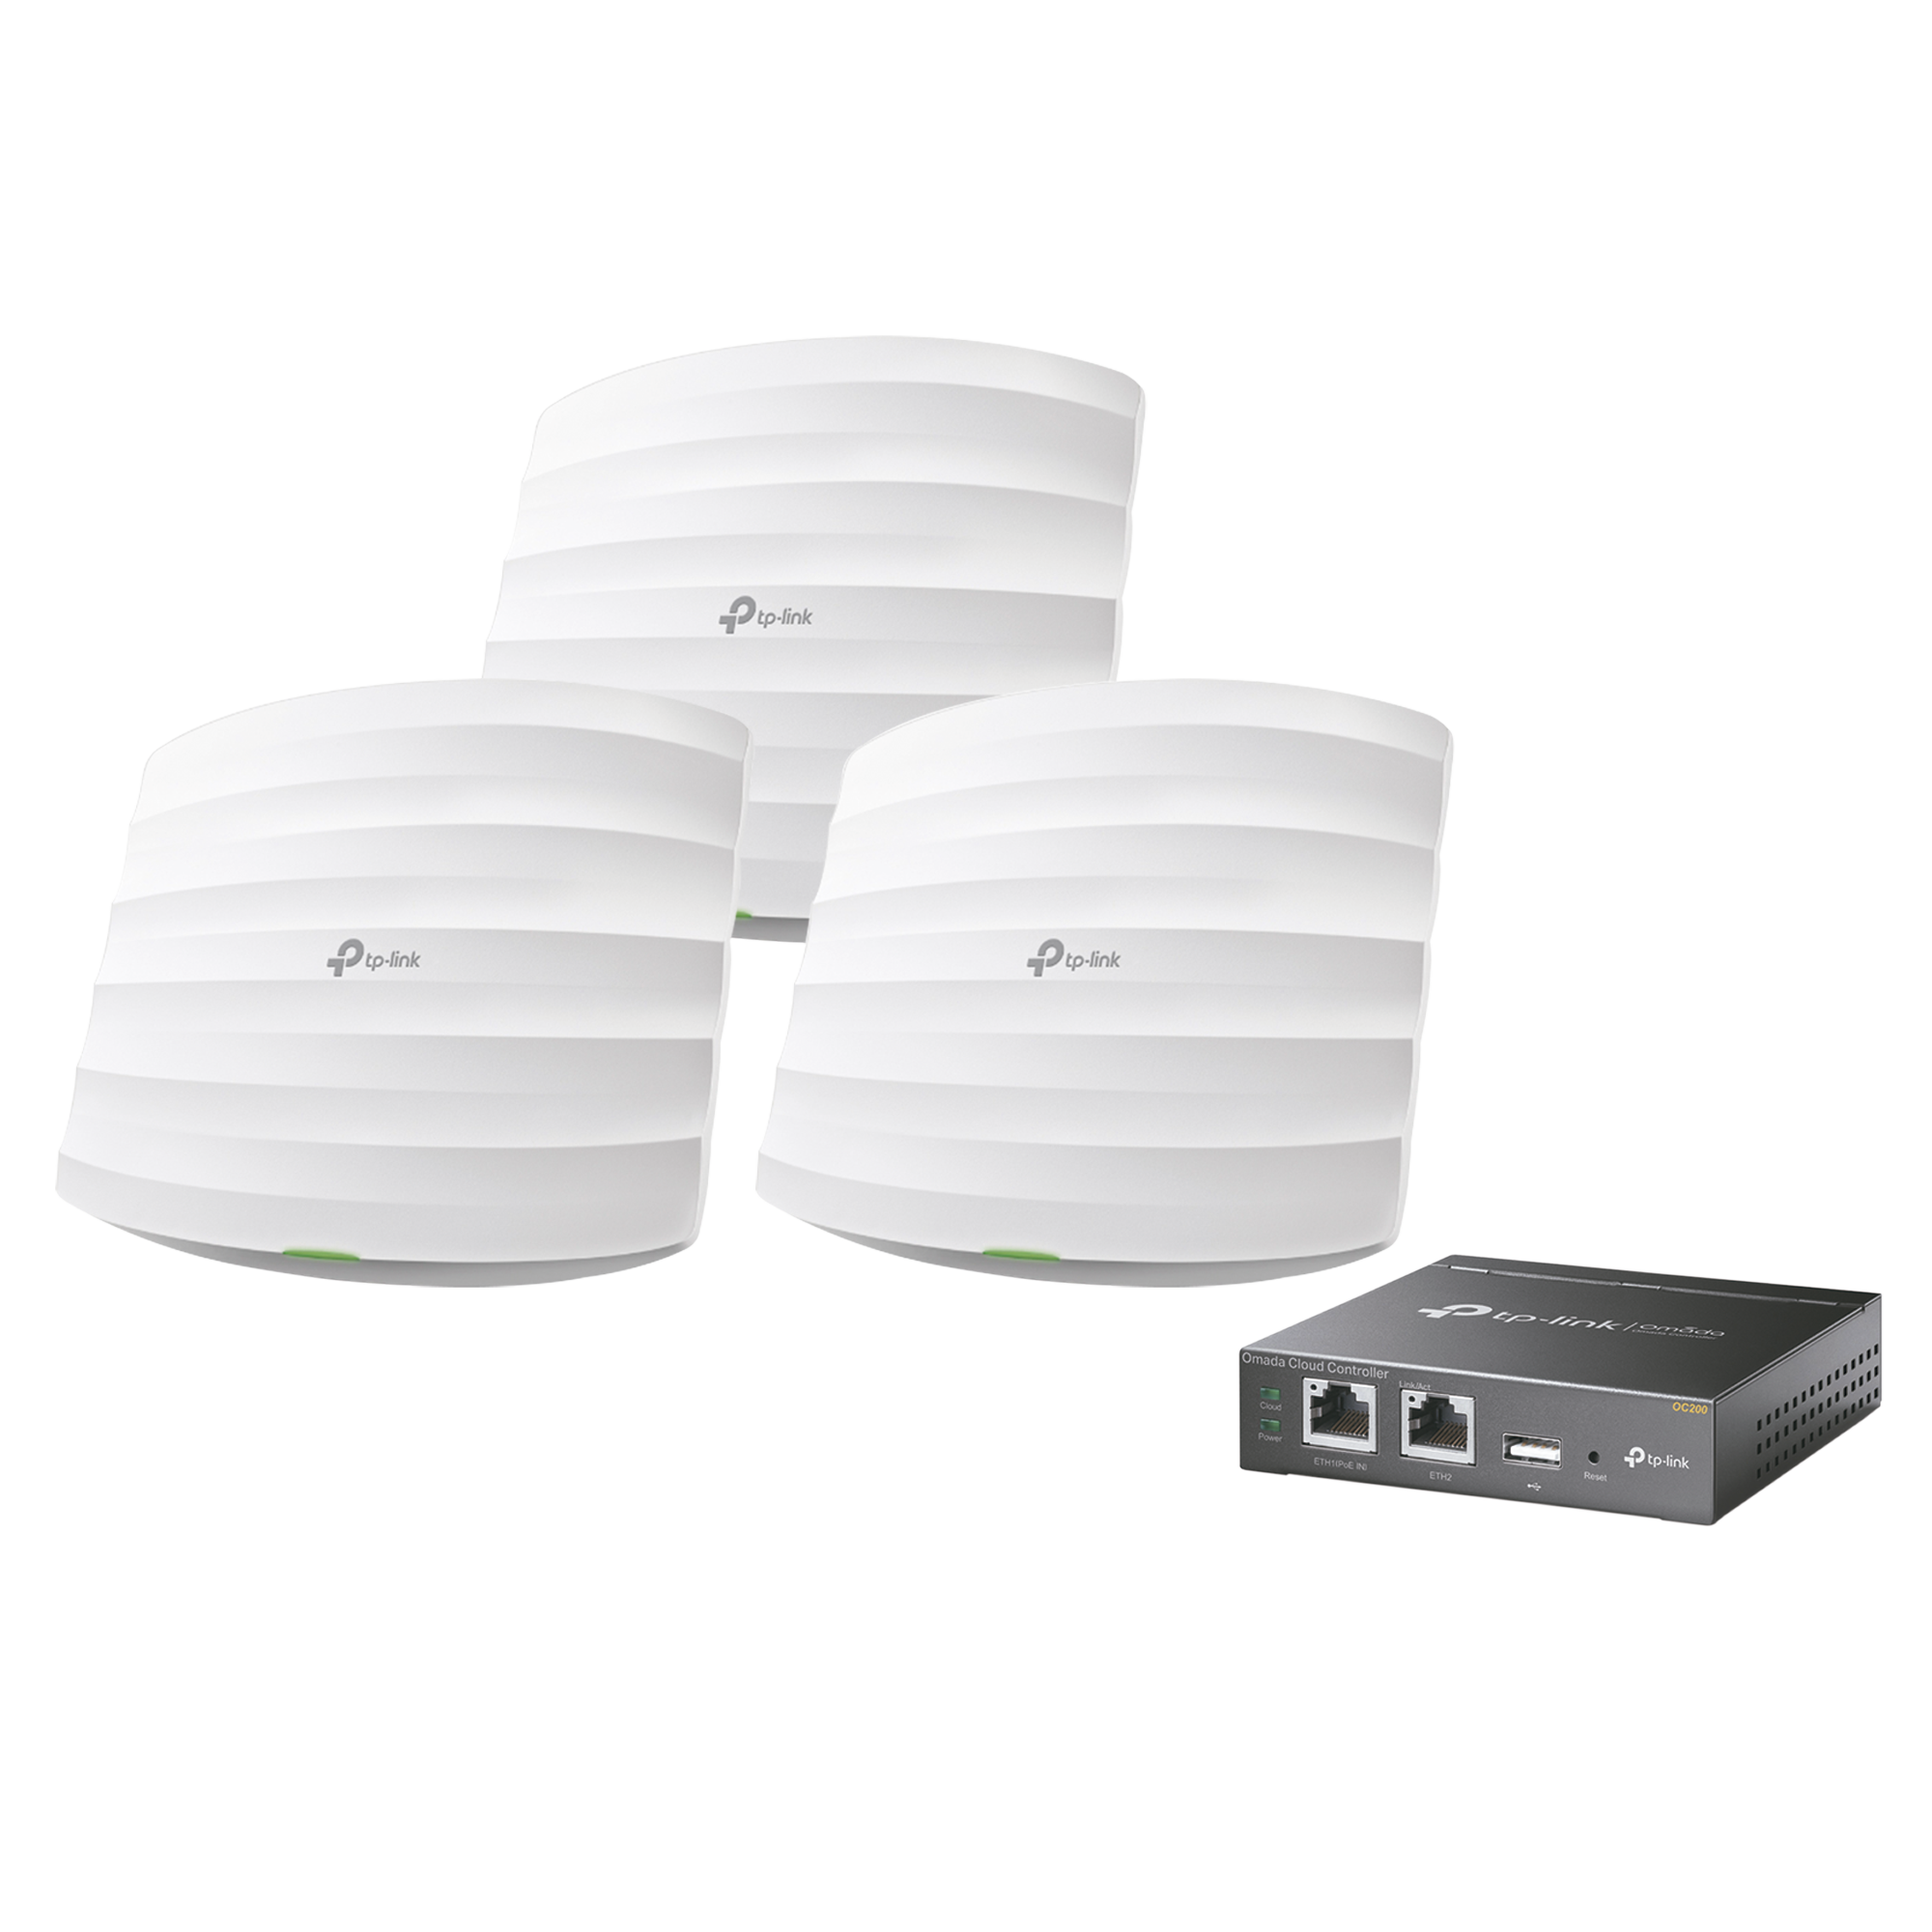 Kit de 3 Puntos de Acceso Omada y 1 Controlador,  doble banda 802.11ac, MU-MIMO, PoE 802.3af y PoE Pasivo, soporta hasta 100 clientes, hasta 1350 Mbps